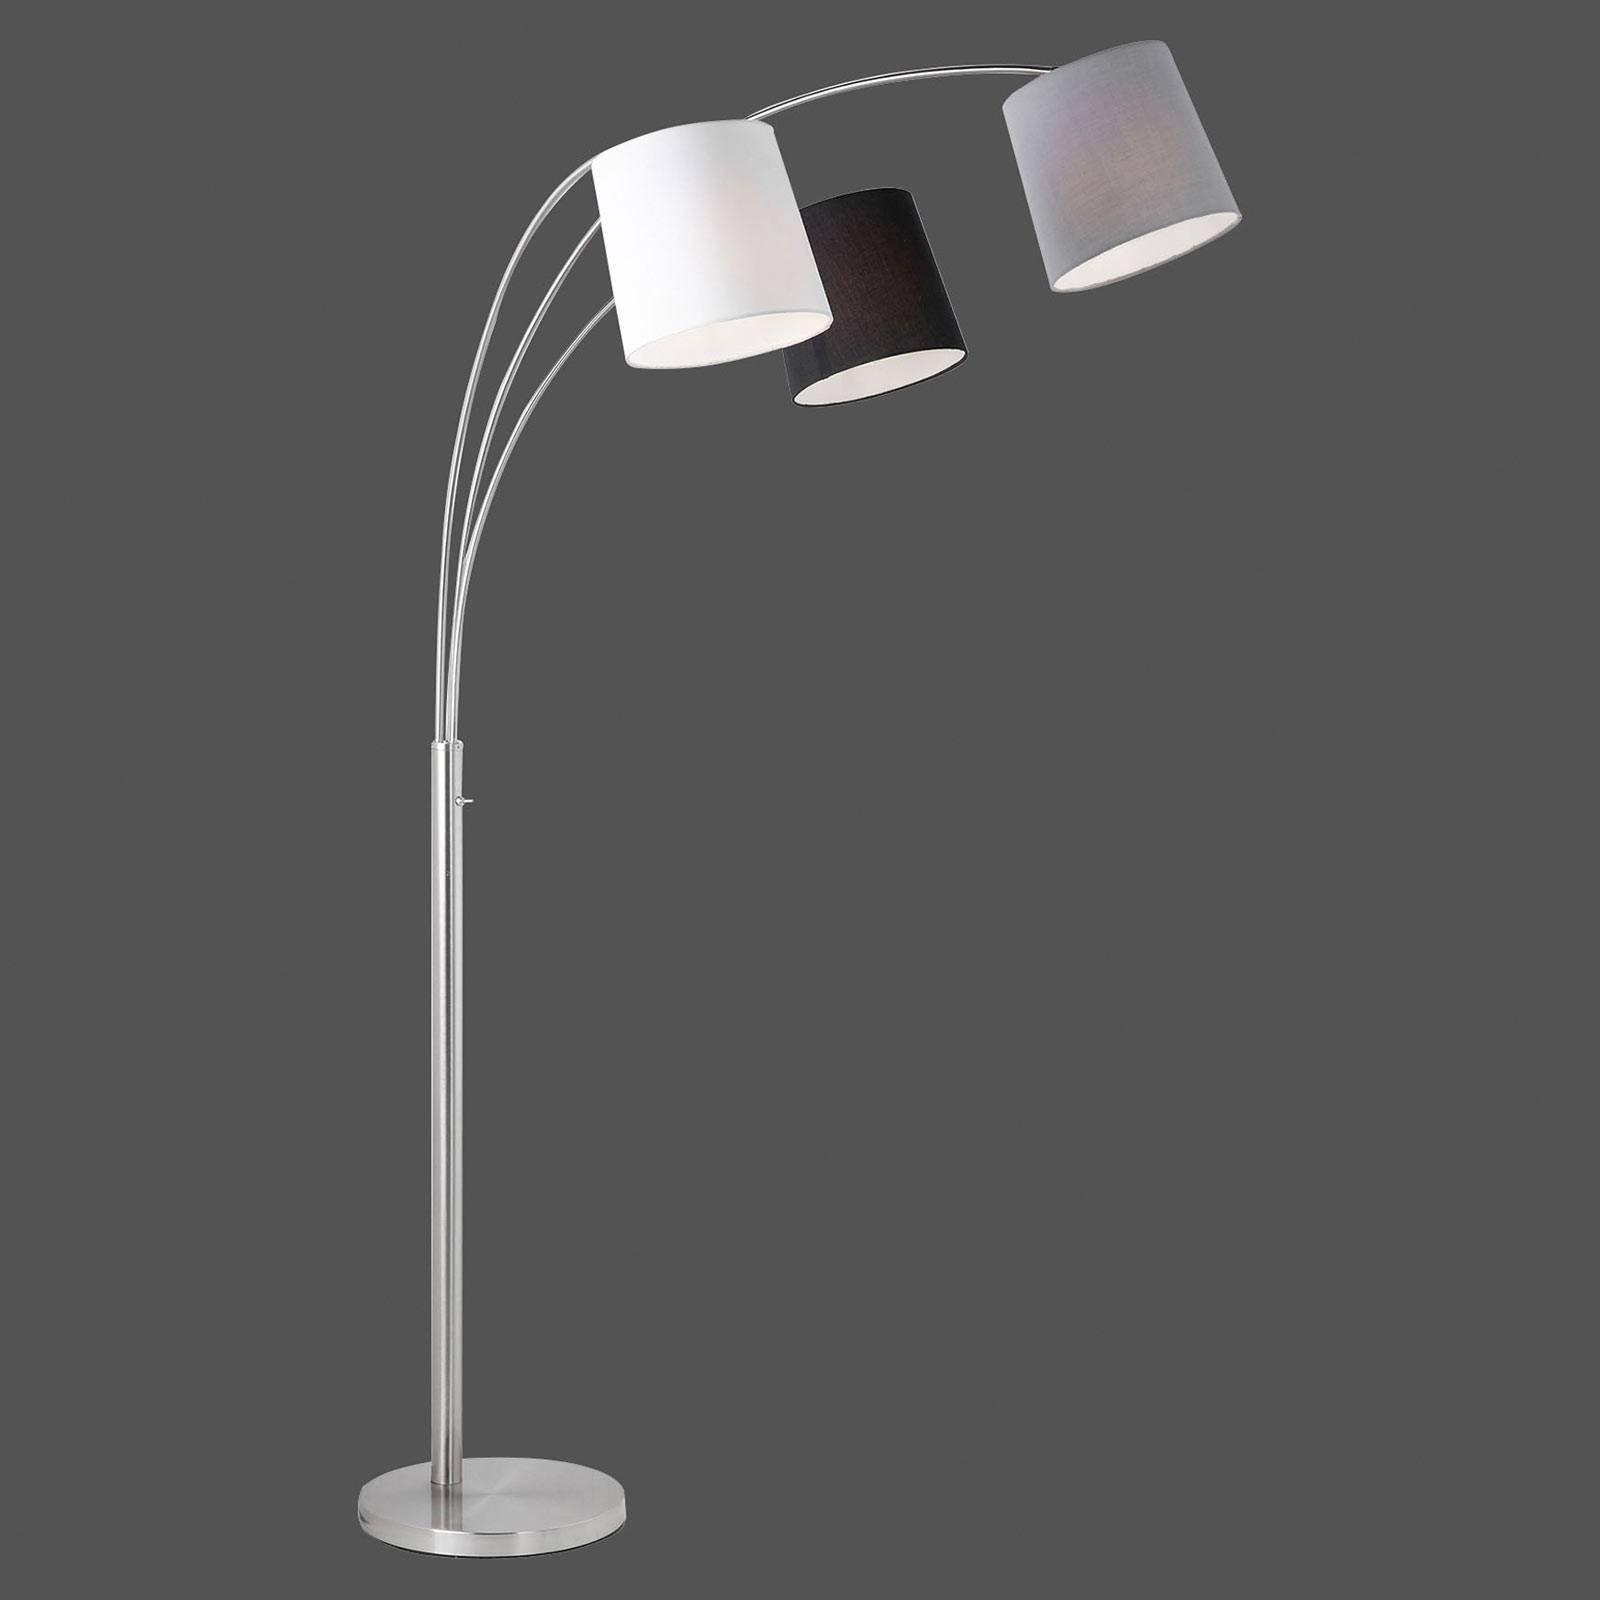 Melvin gulvlampe, 3 lyskilder, svart/grå/hvit